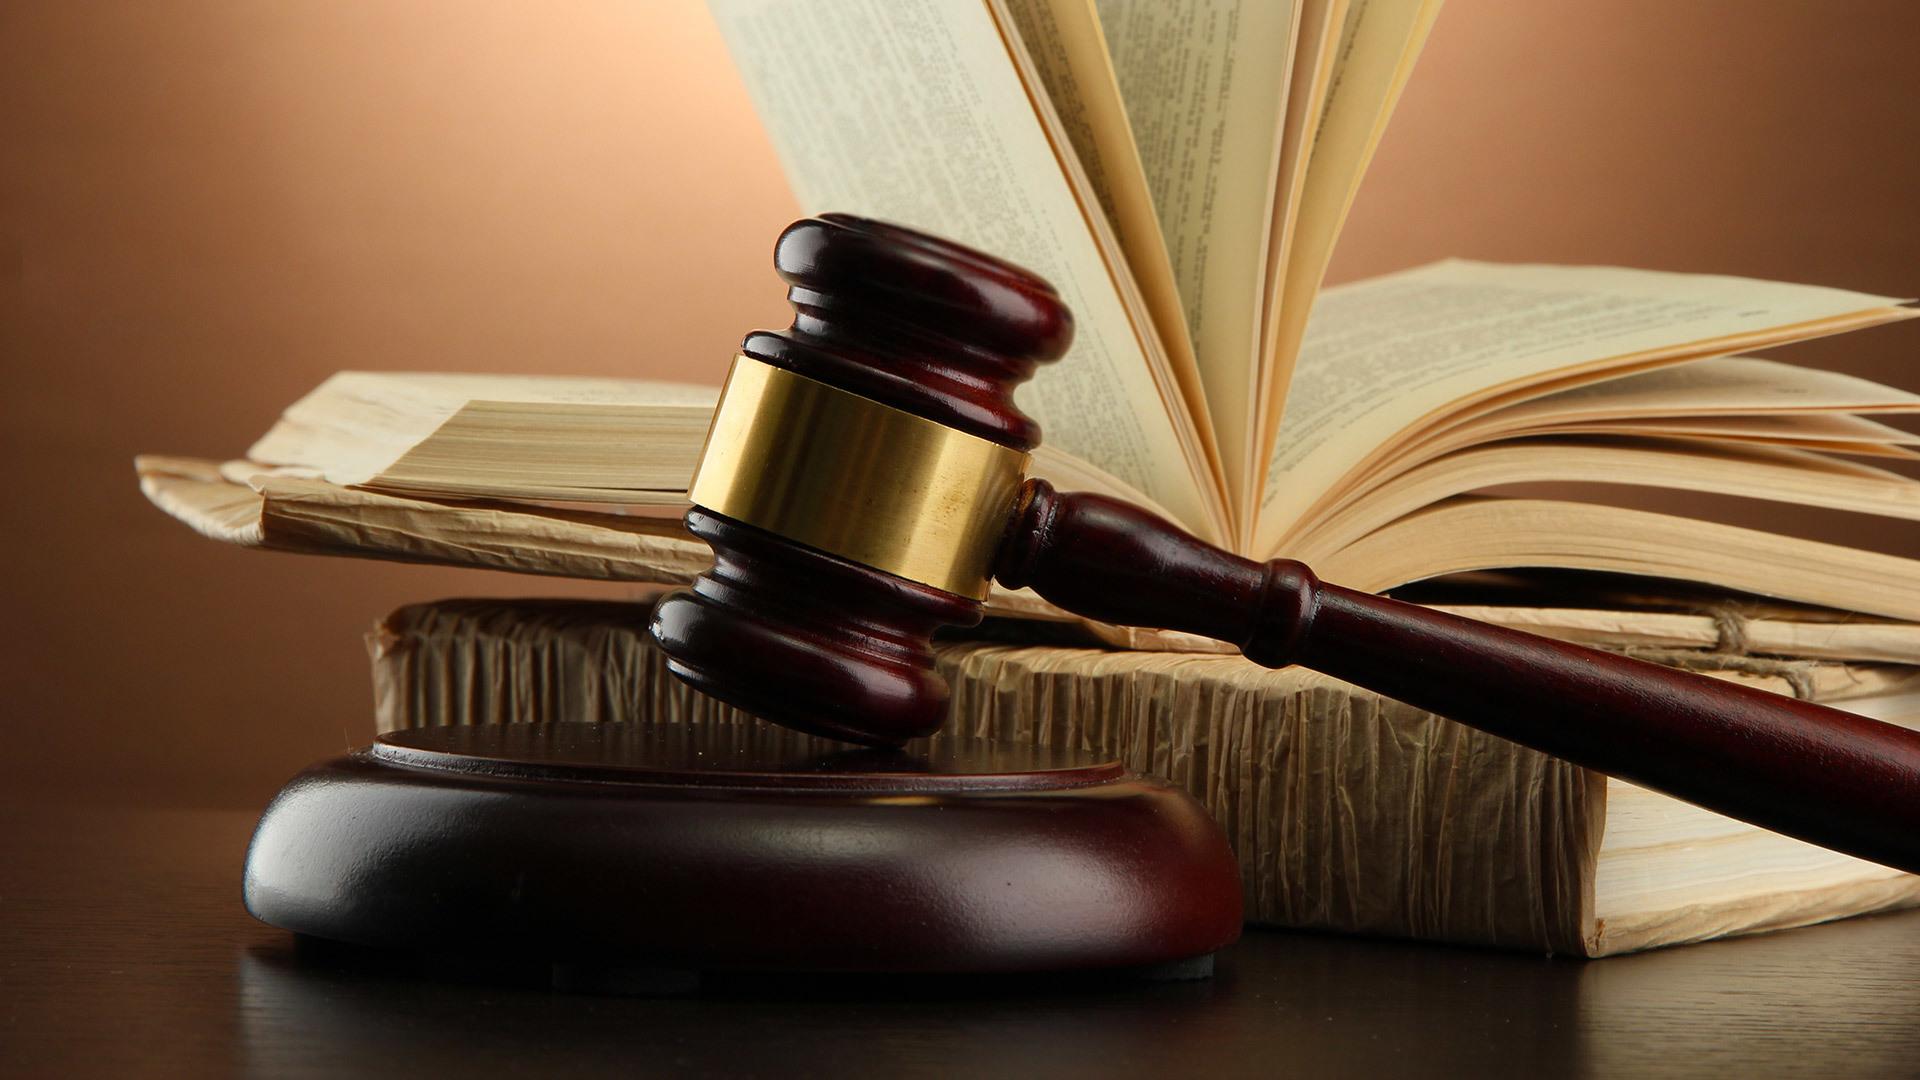 εργατικά δικηγόροι, τροχαία Δικηγόροι Μενίδι Αχαρναί Αχαρνές